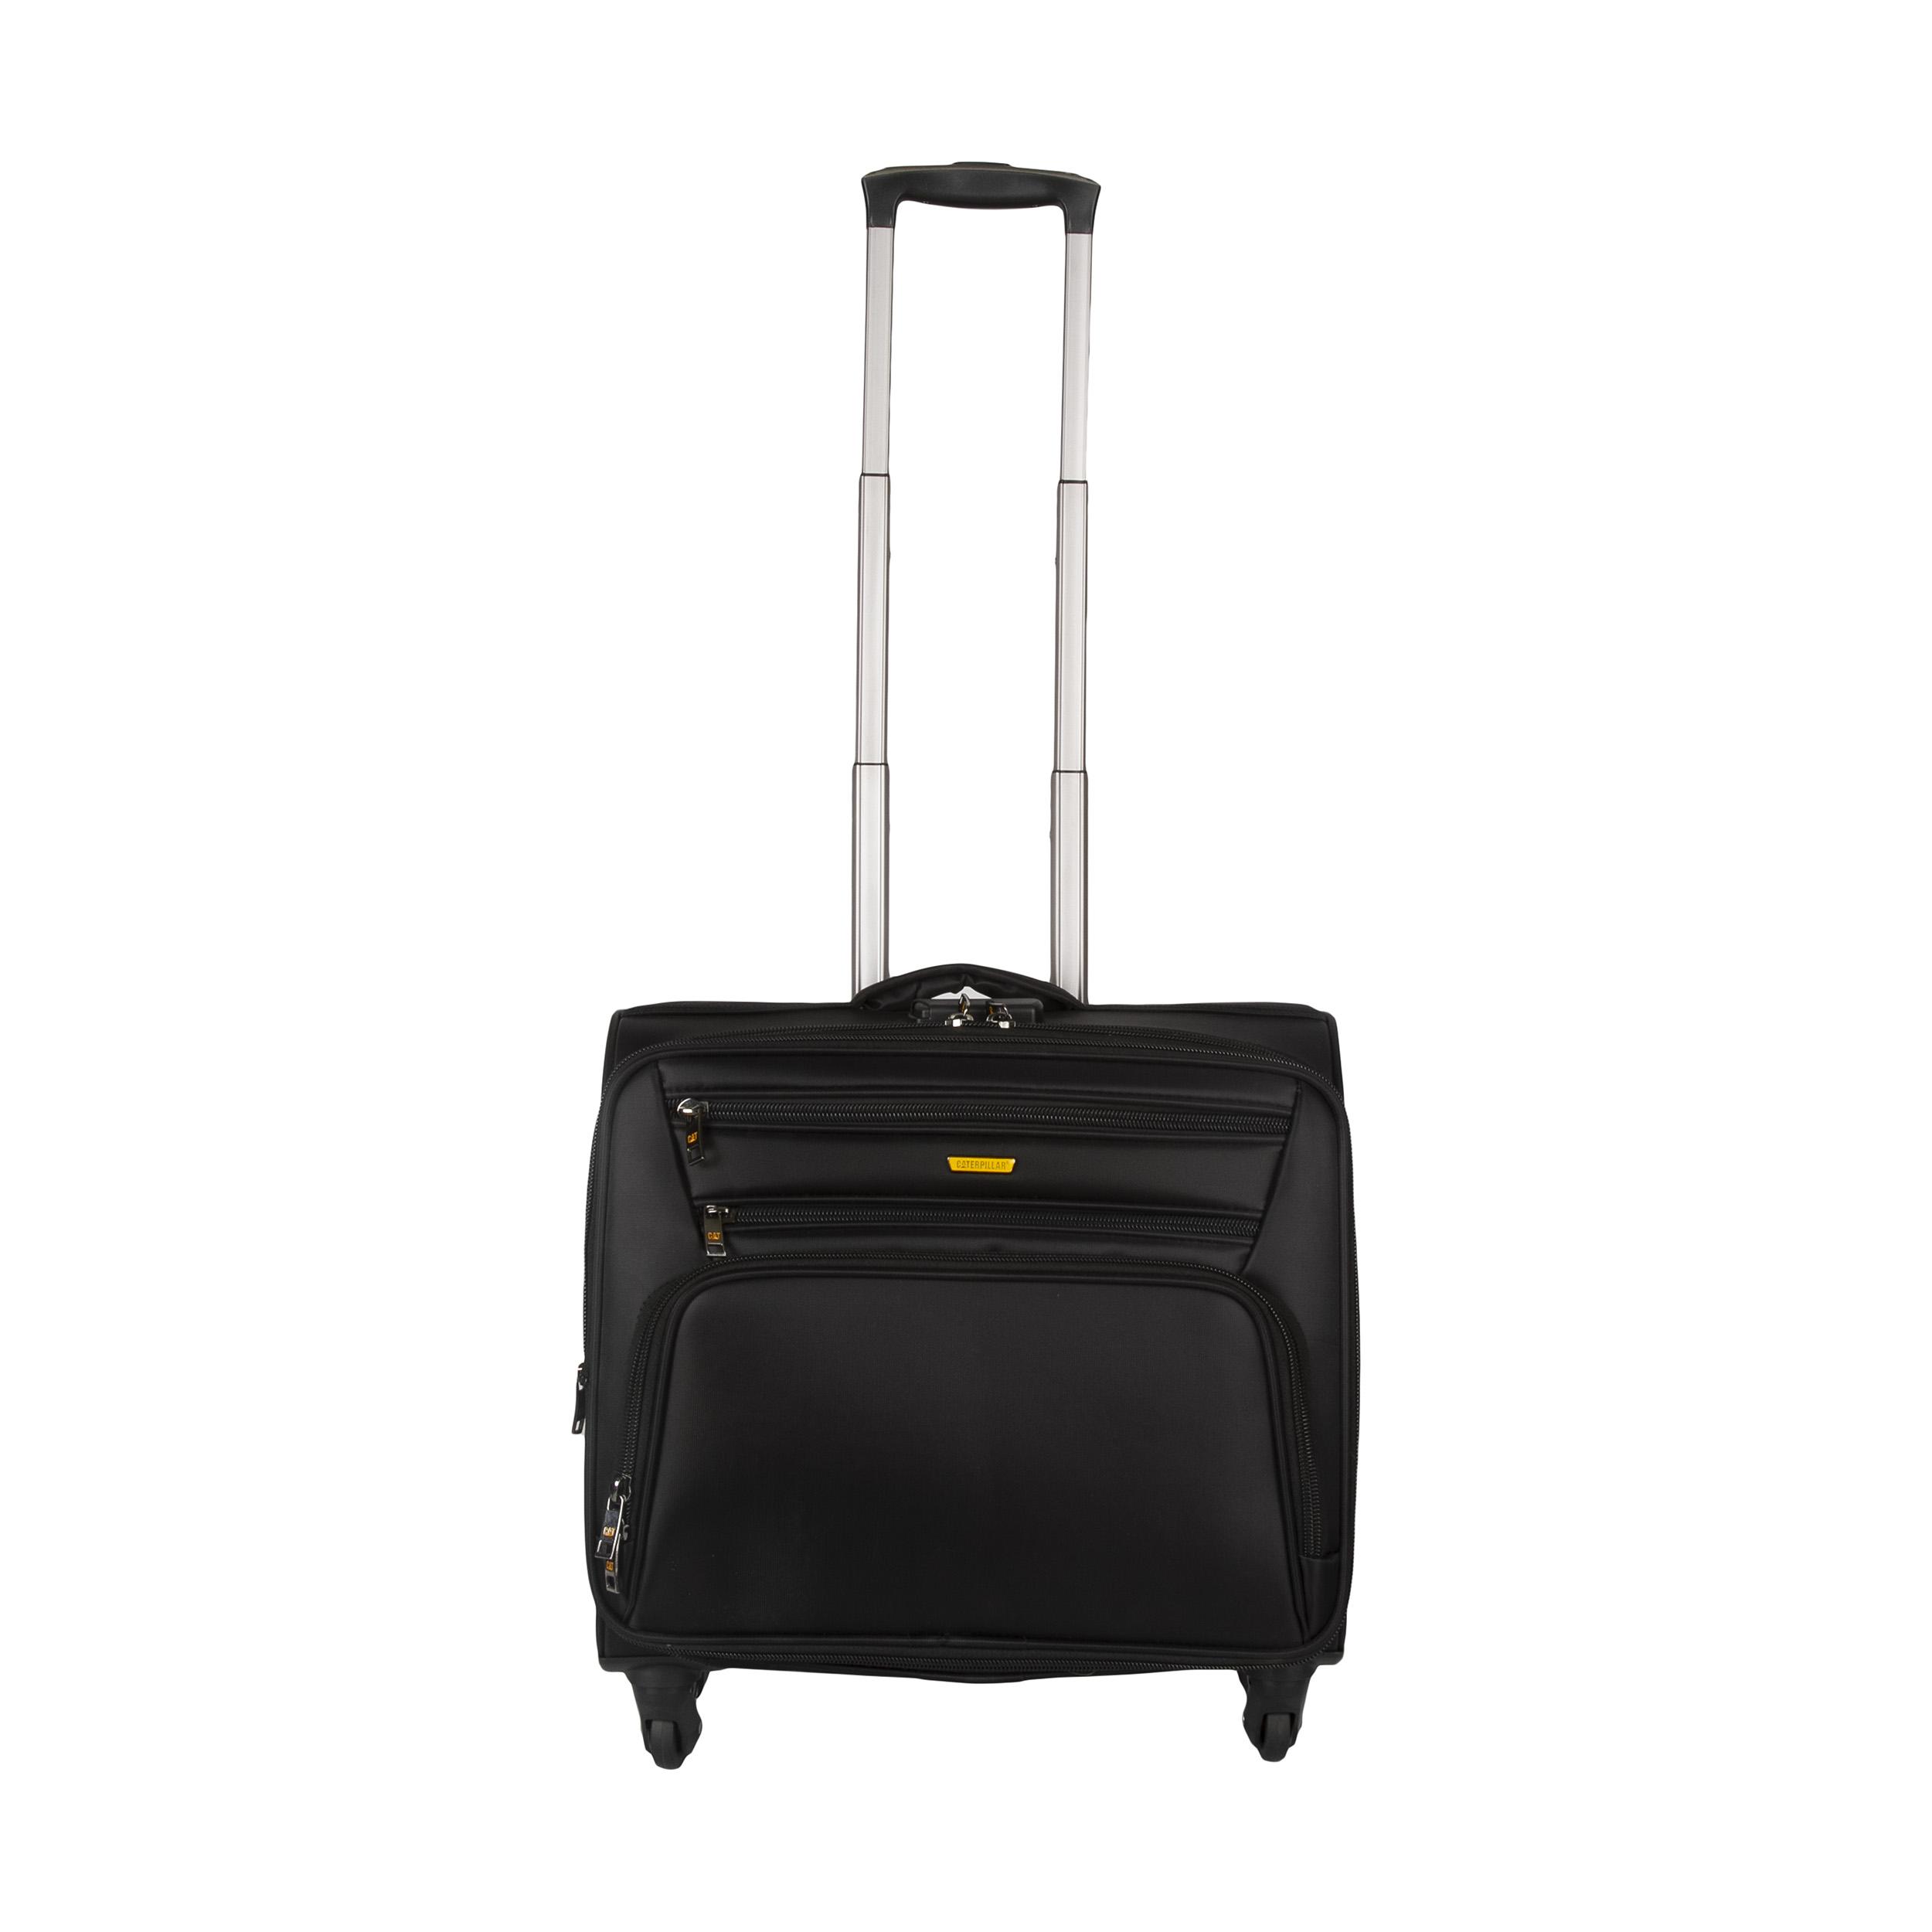 چمدان خلبانی مدل CA415